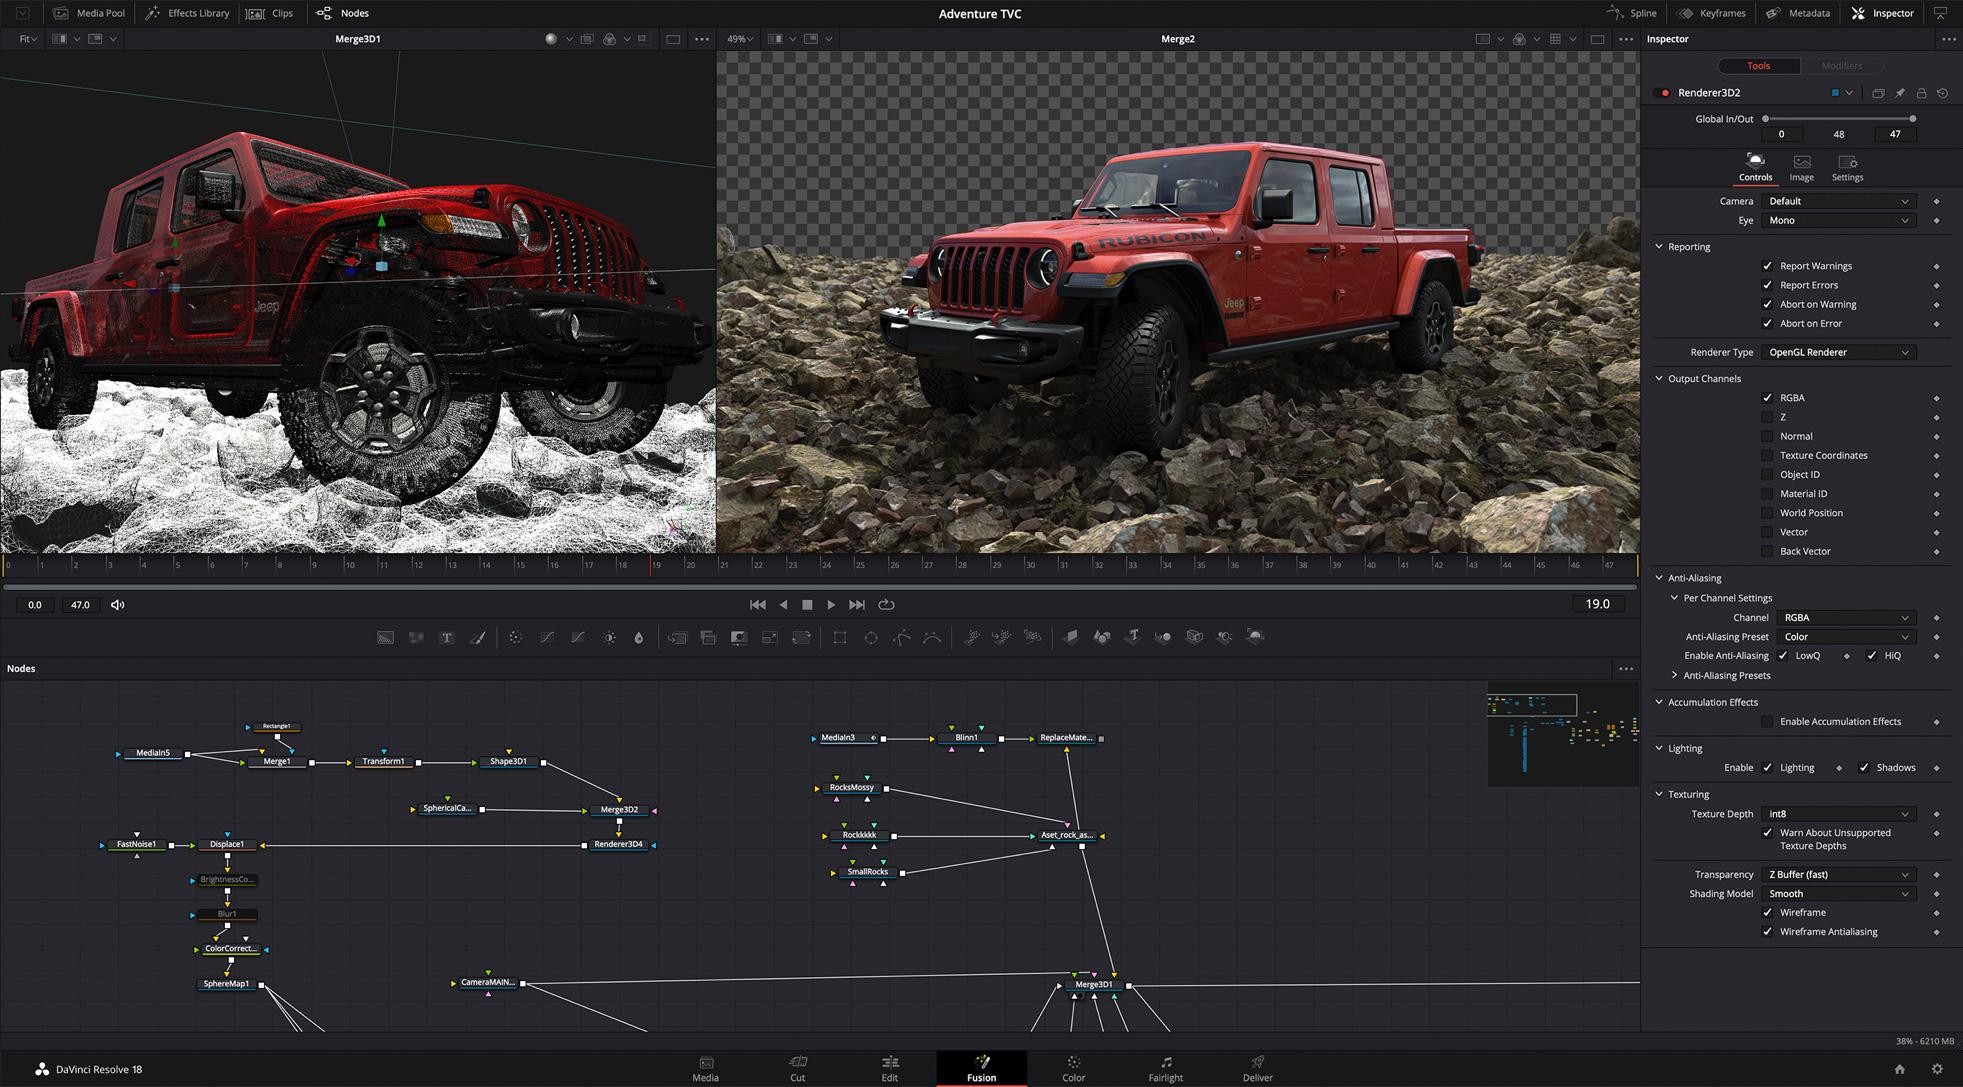 リゾルブ ダビンチ ダ・ヴィンチ・リゾルブ:プロ用の動画編集ソフトを簡単に操作するには?